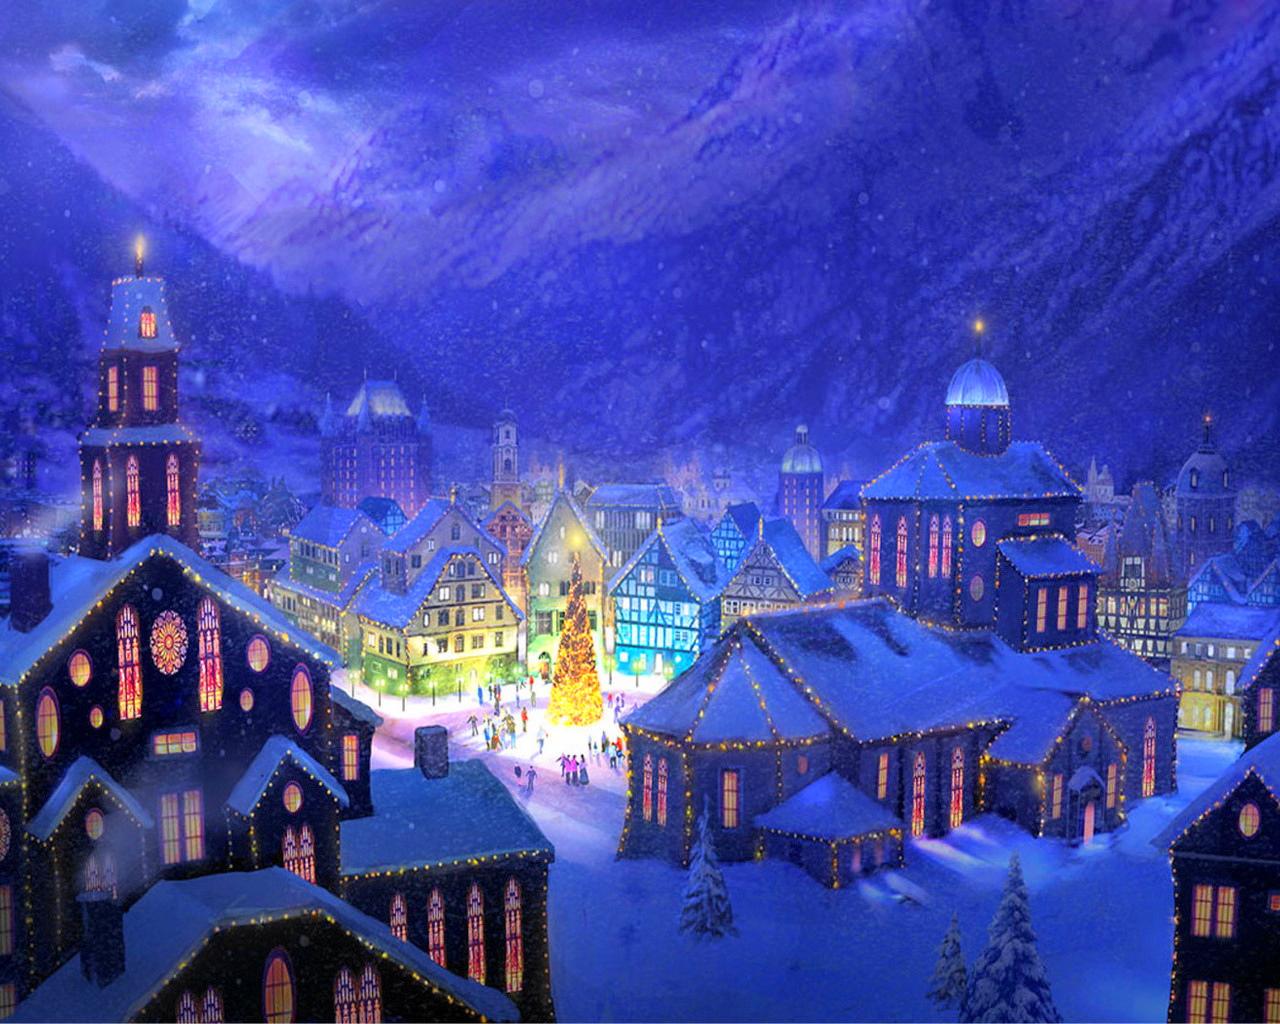 фото зимний город